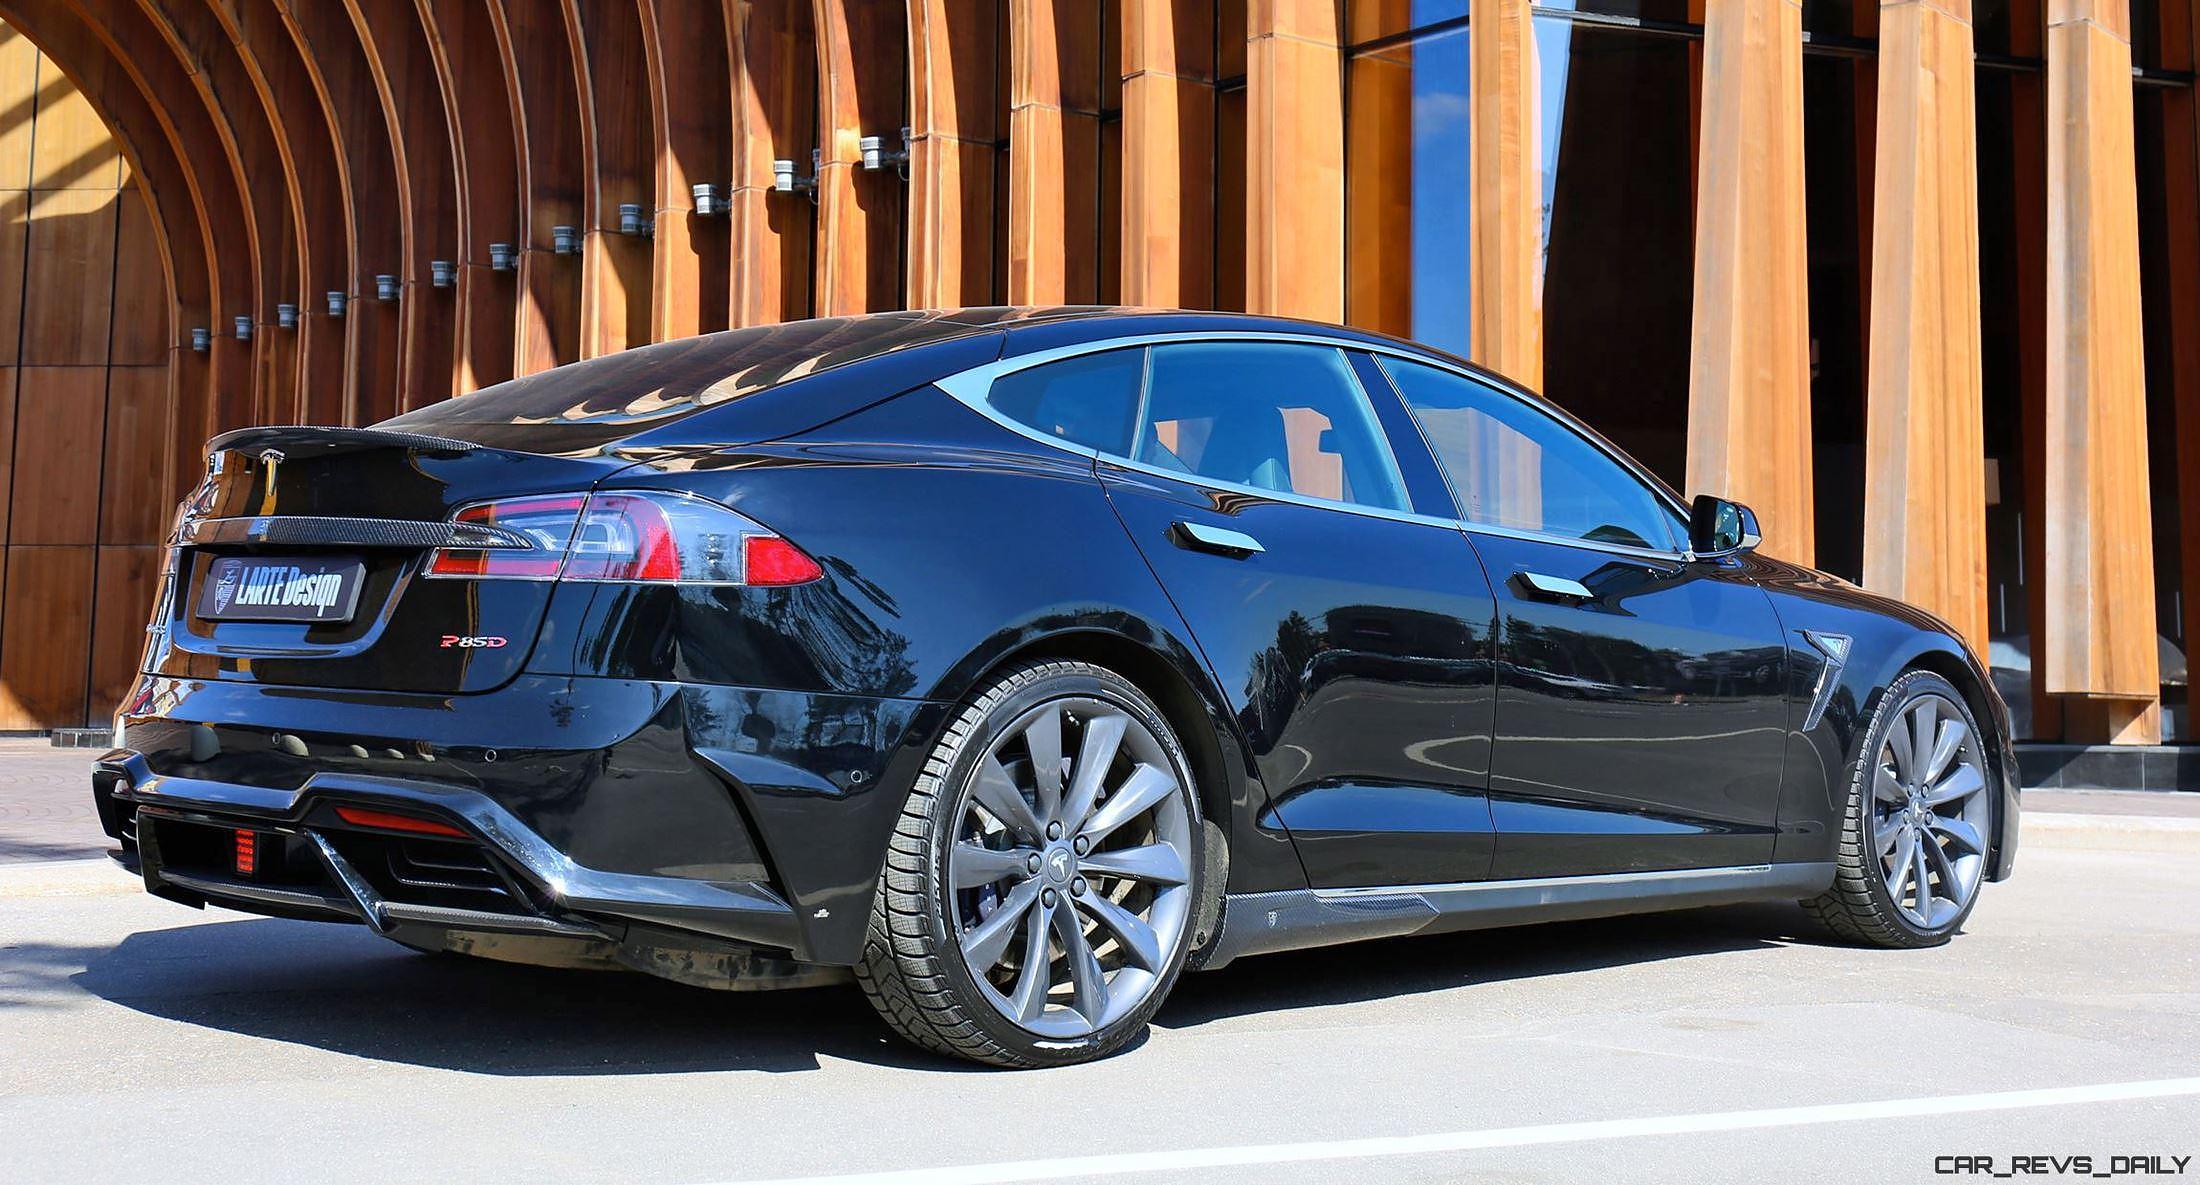 larte design tesla model s p85d elizabeta mods are hot car revs. Black Bedroom Furniture Sets. Home Design Ideas